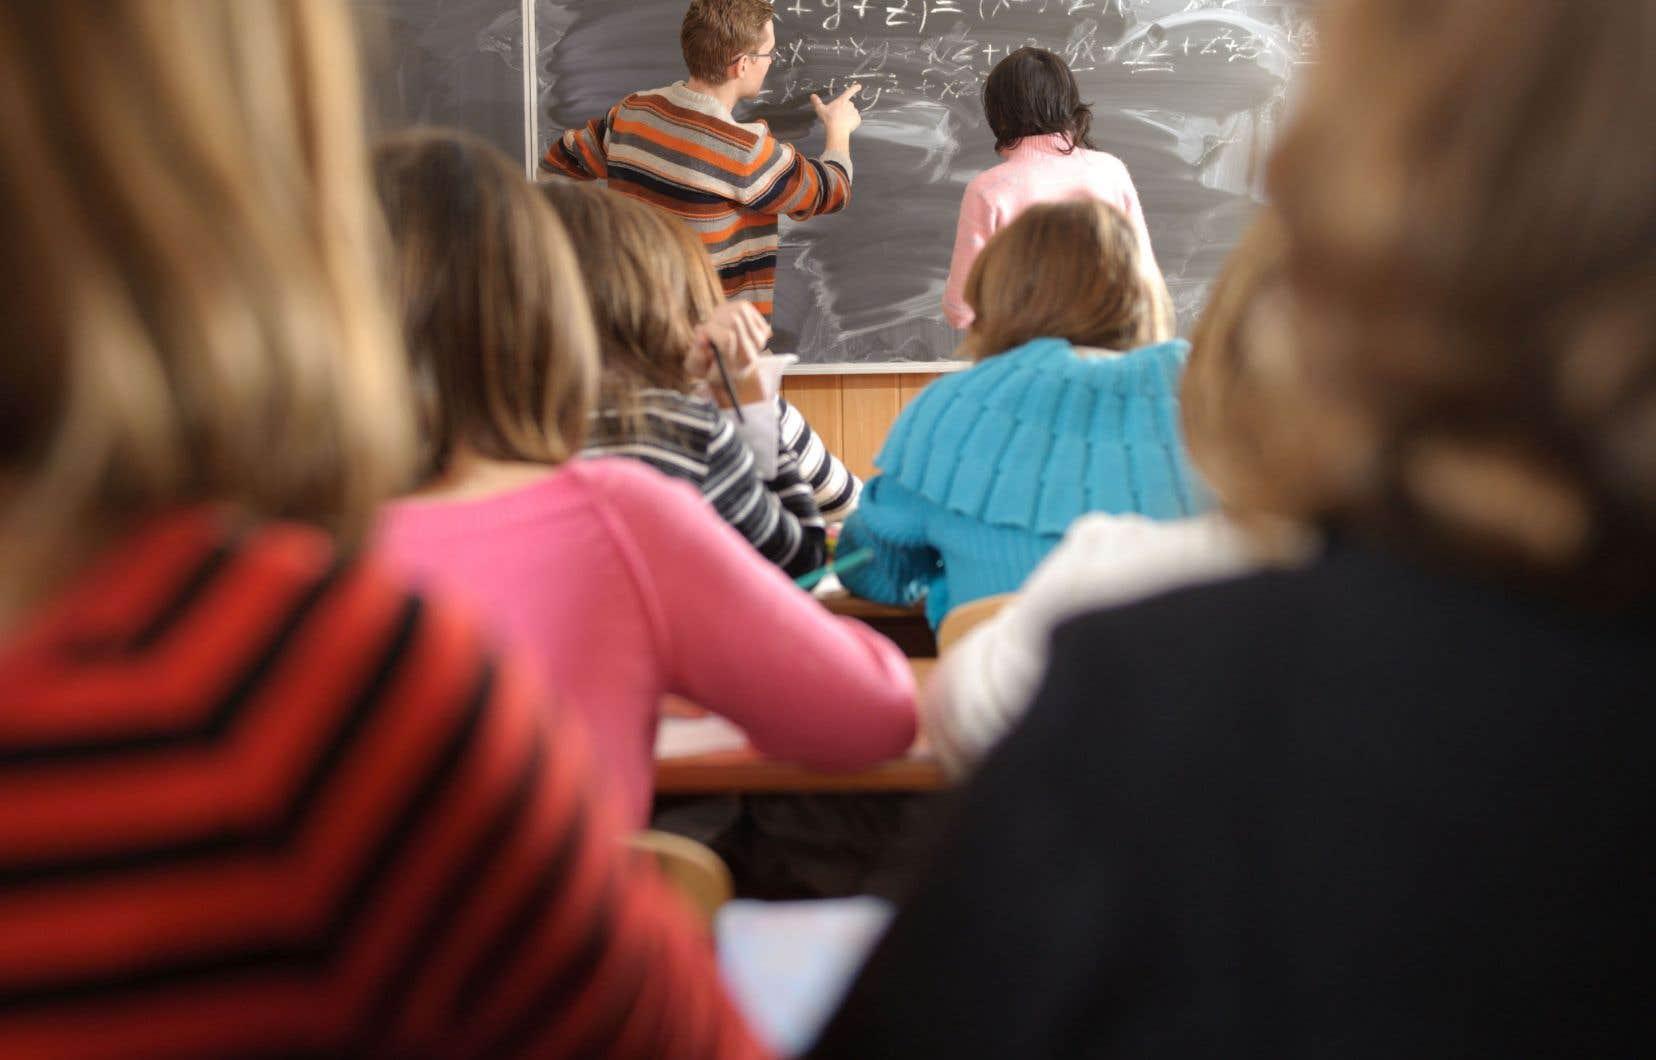 On constate que, même dans le réseau collégial, il y a de plus en plus d'élèves aux besoins particuliers qui, pour réussir, doivent être entourés de personnel de soutien et de professionnels.